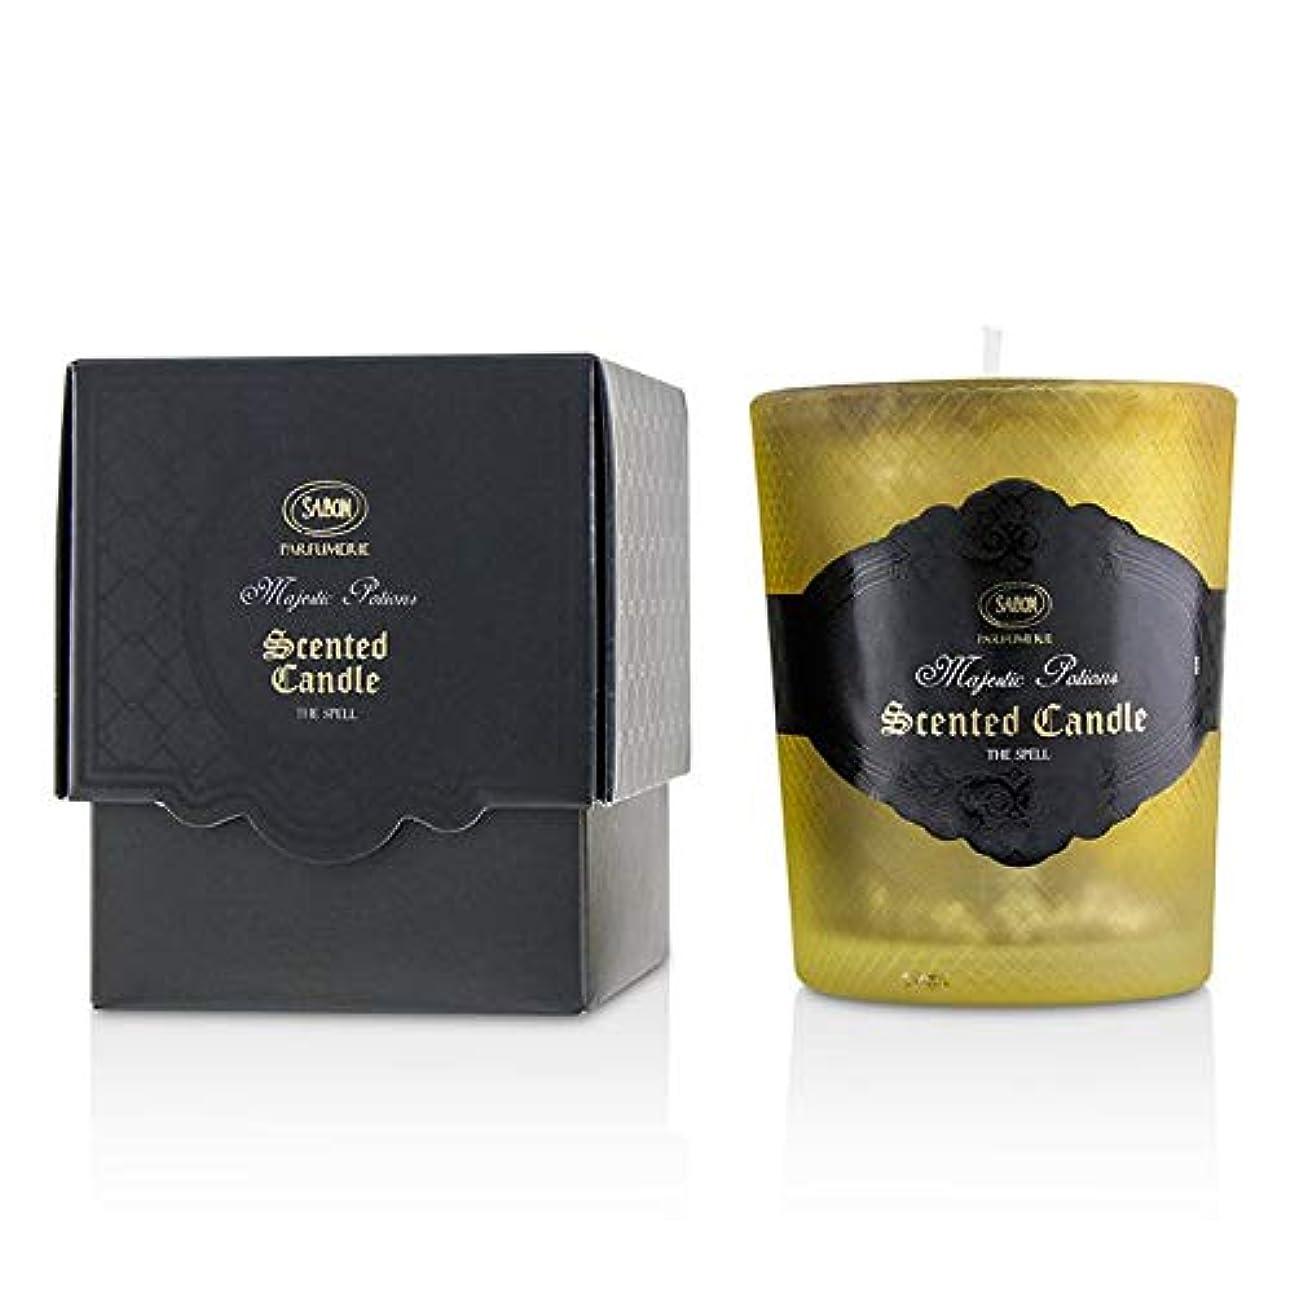 落胆する苦しむ突き出すサボン Luxury Glass Candle - The Spell 150ml/5oz並行輸入品